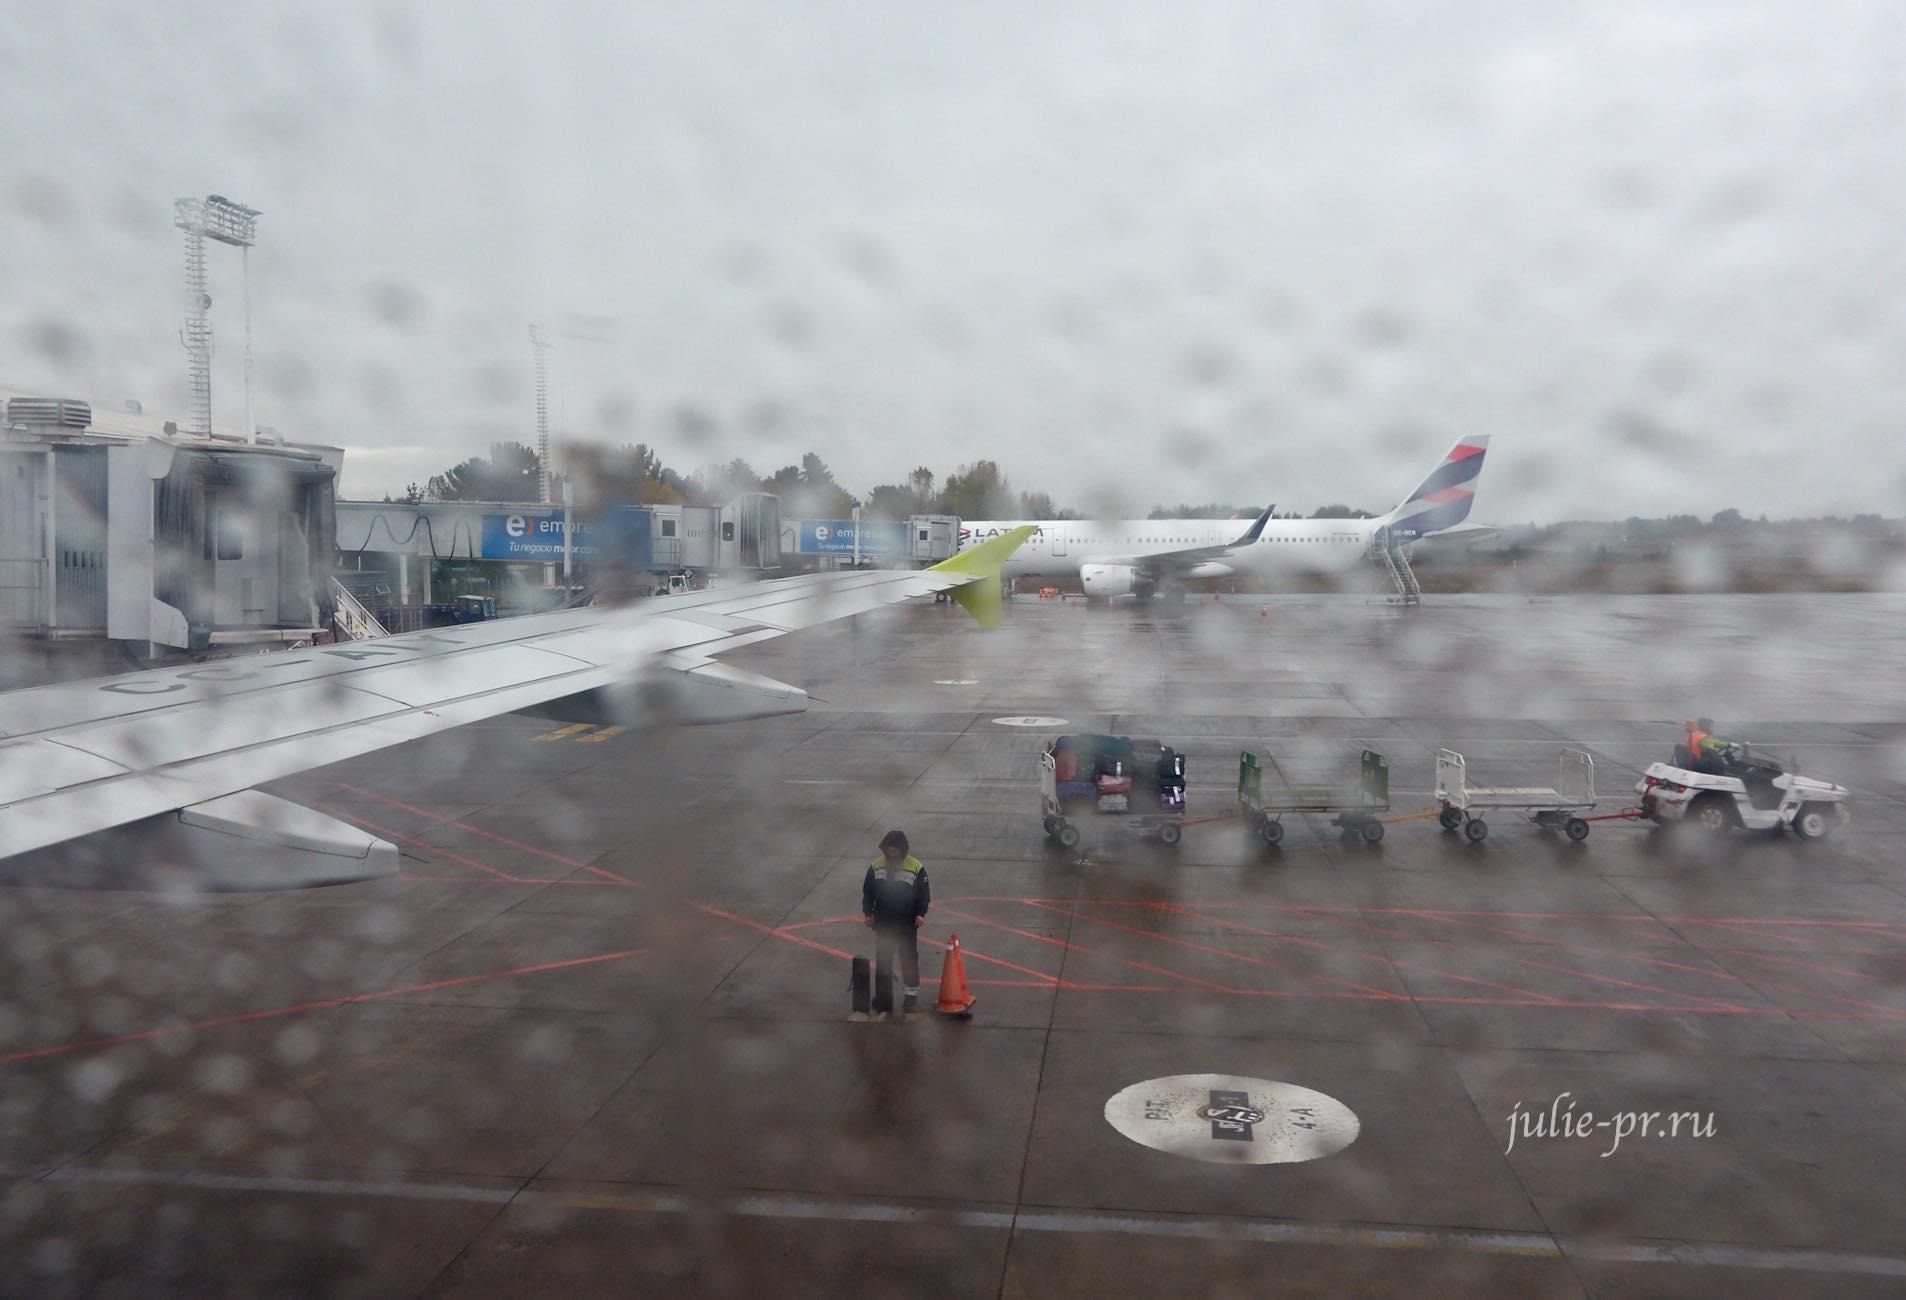 Чили, Пуэрто-Монт, Аэропорт